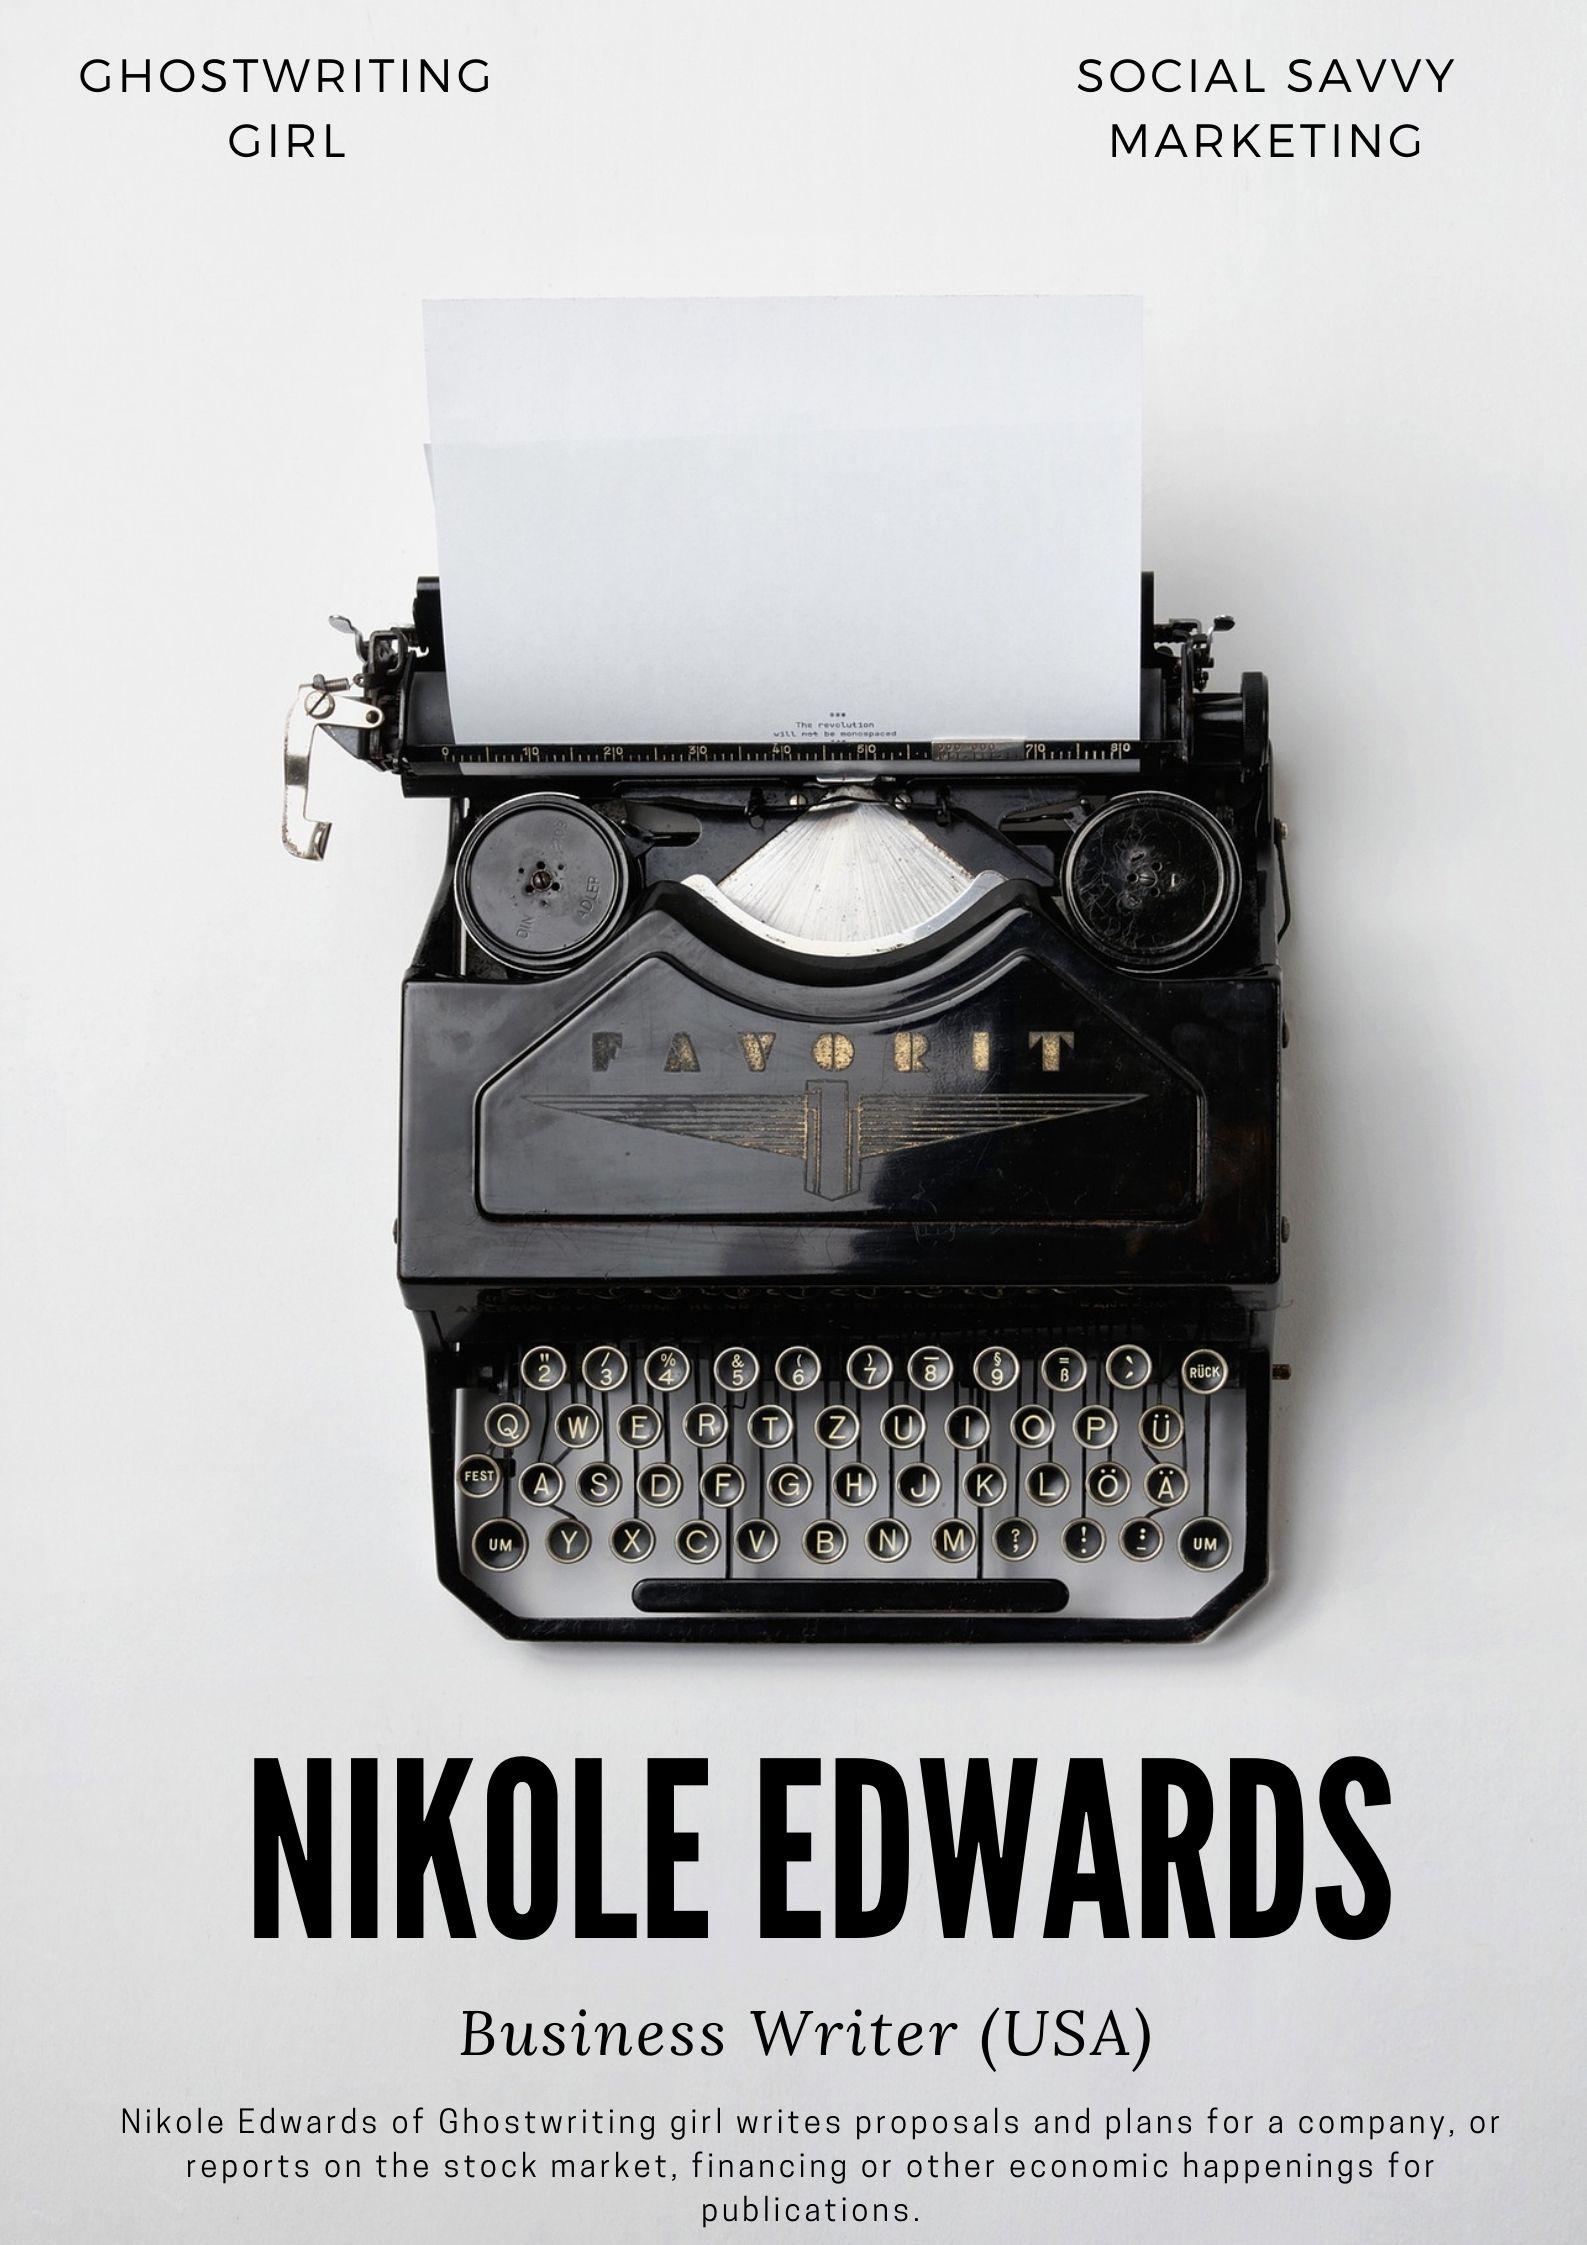 NIKOLE EDWARDS